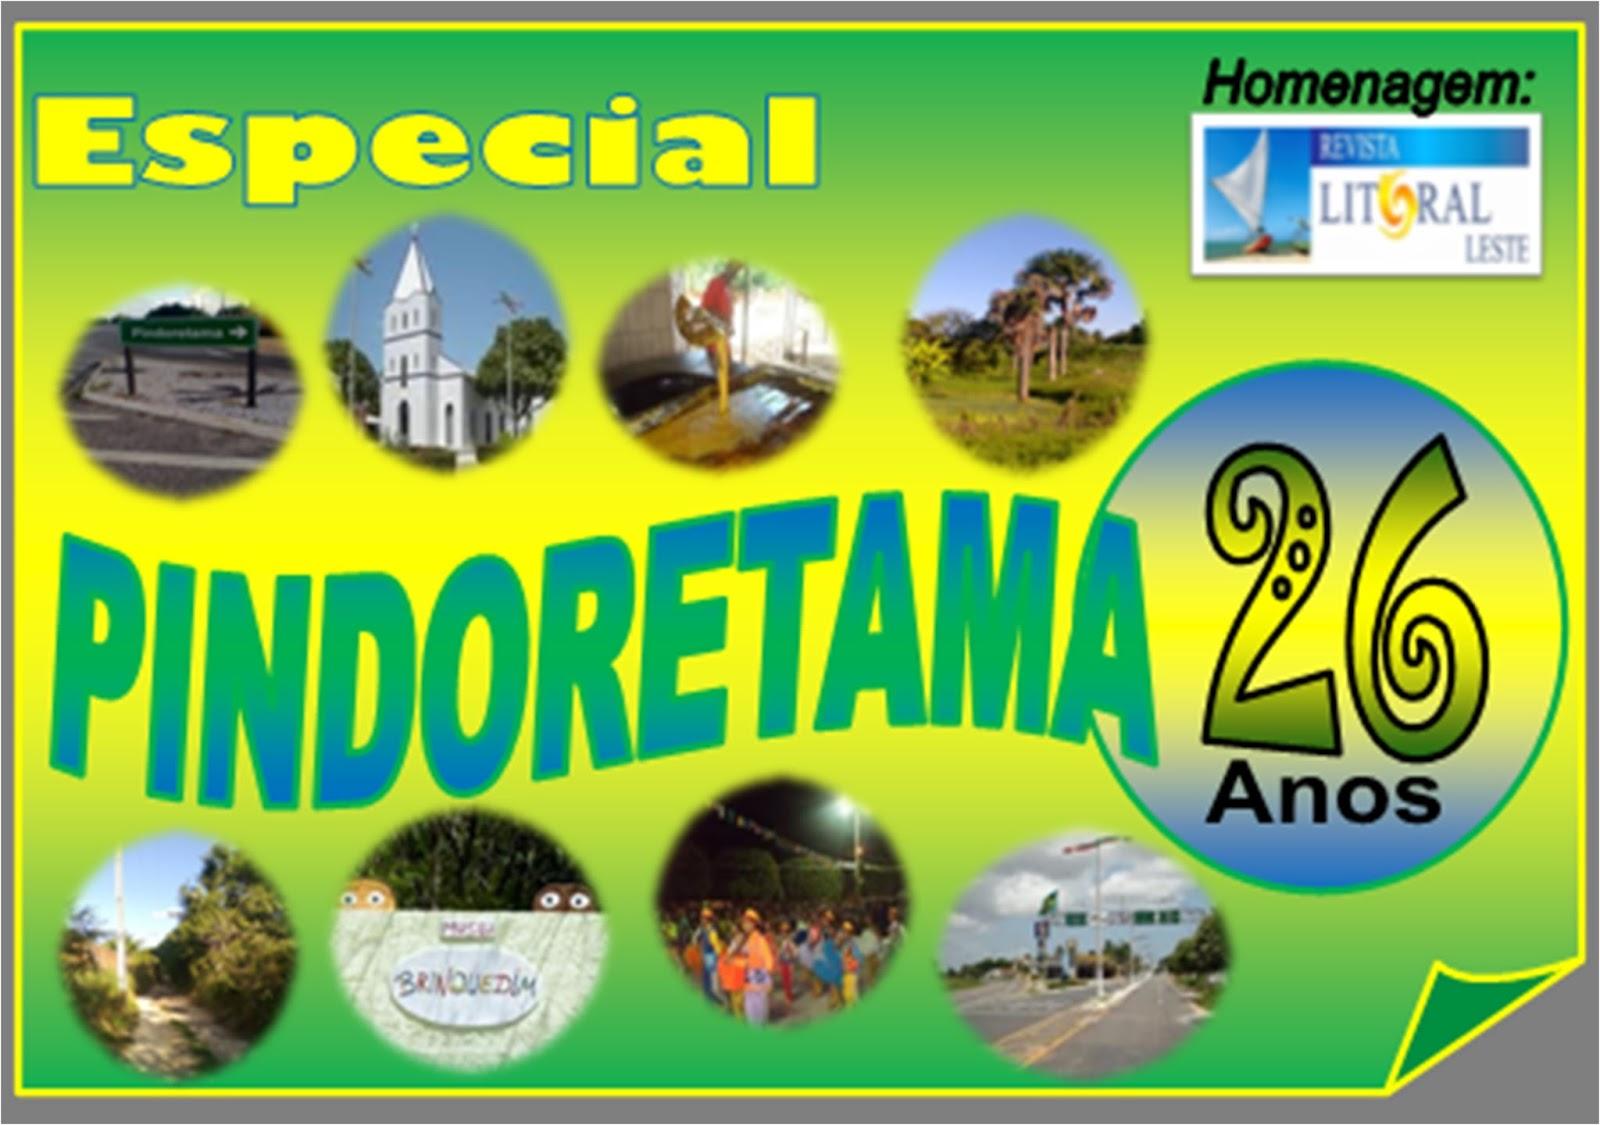 www.empregorapido.com